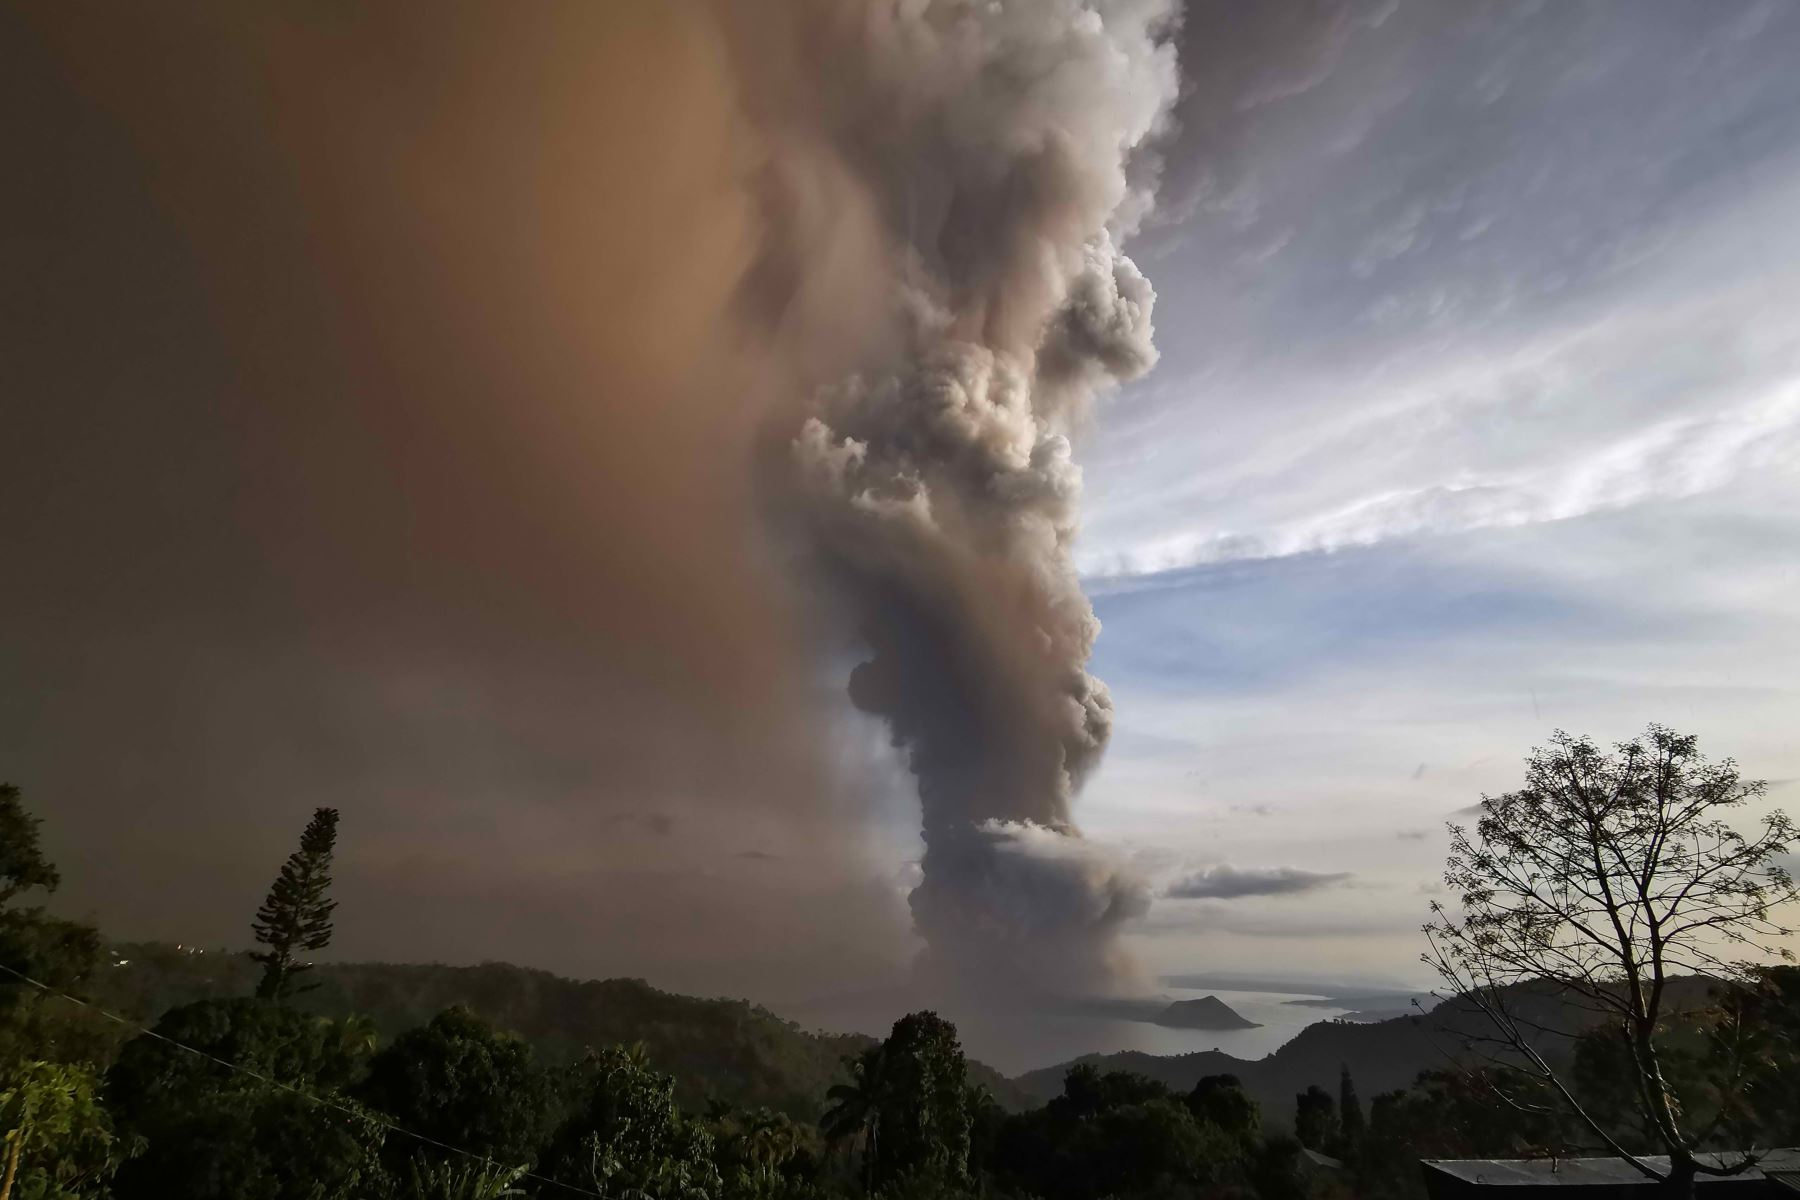 Una columna de cenizas del volcán Taal en erupción se cierne sobre la ciudad de Tagaytay, Filipinas. Foto: EFE